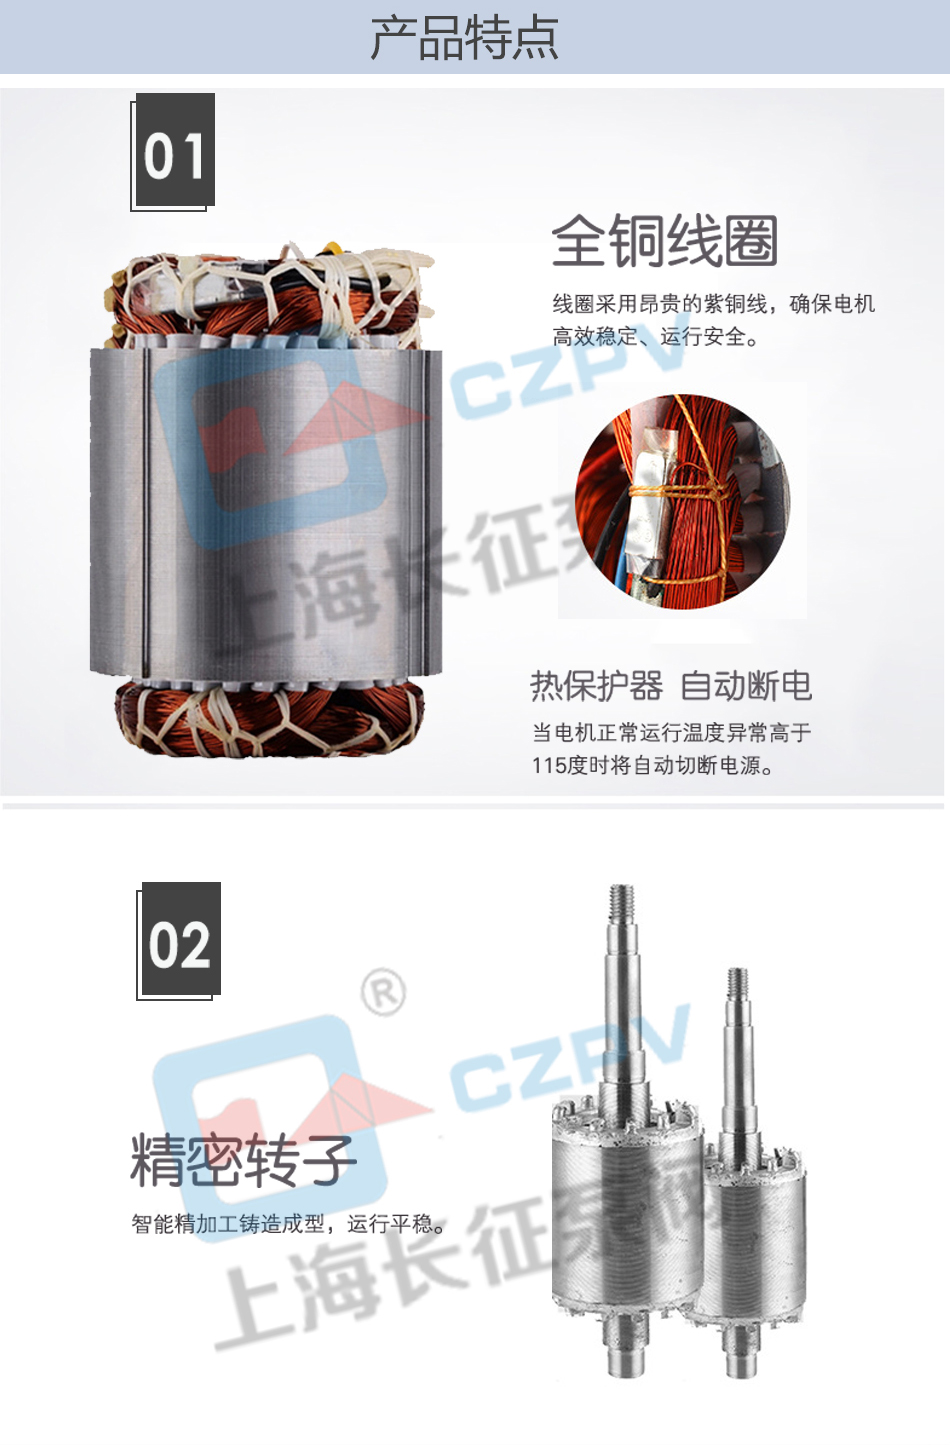 CZL立式单级防爆低转速管道离心循环泵产品特点图